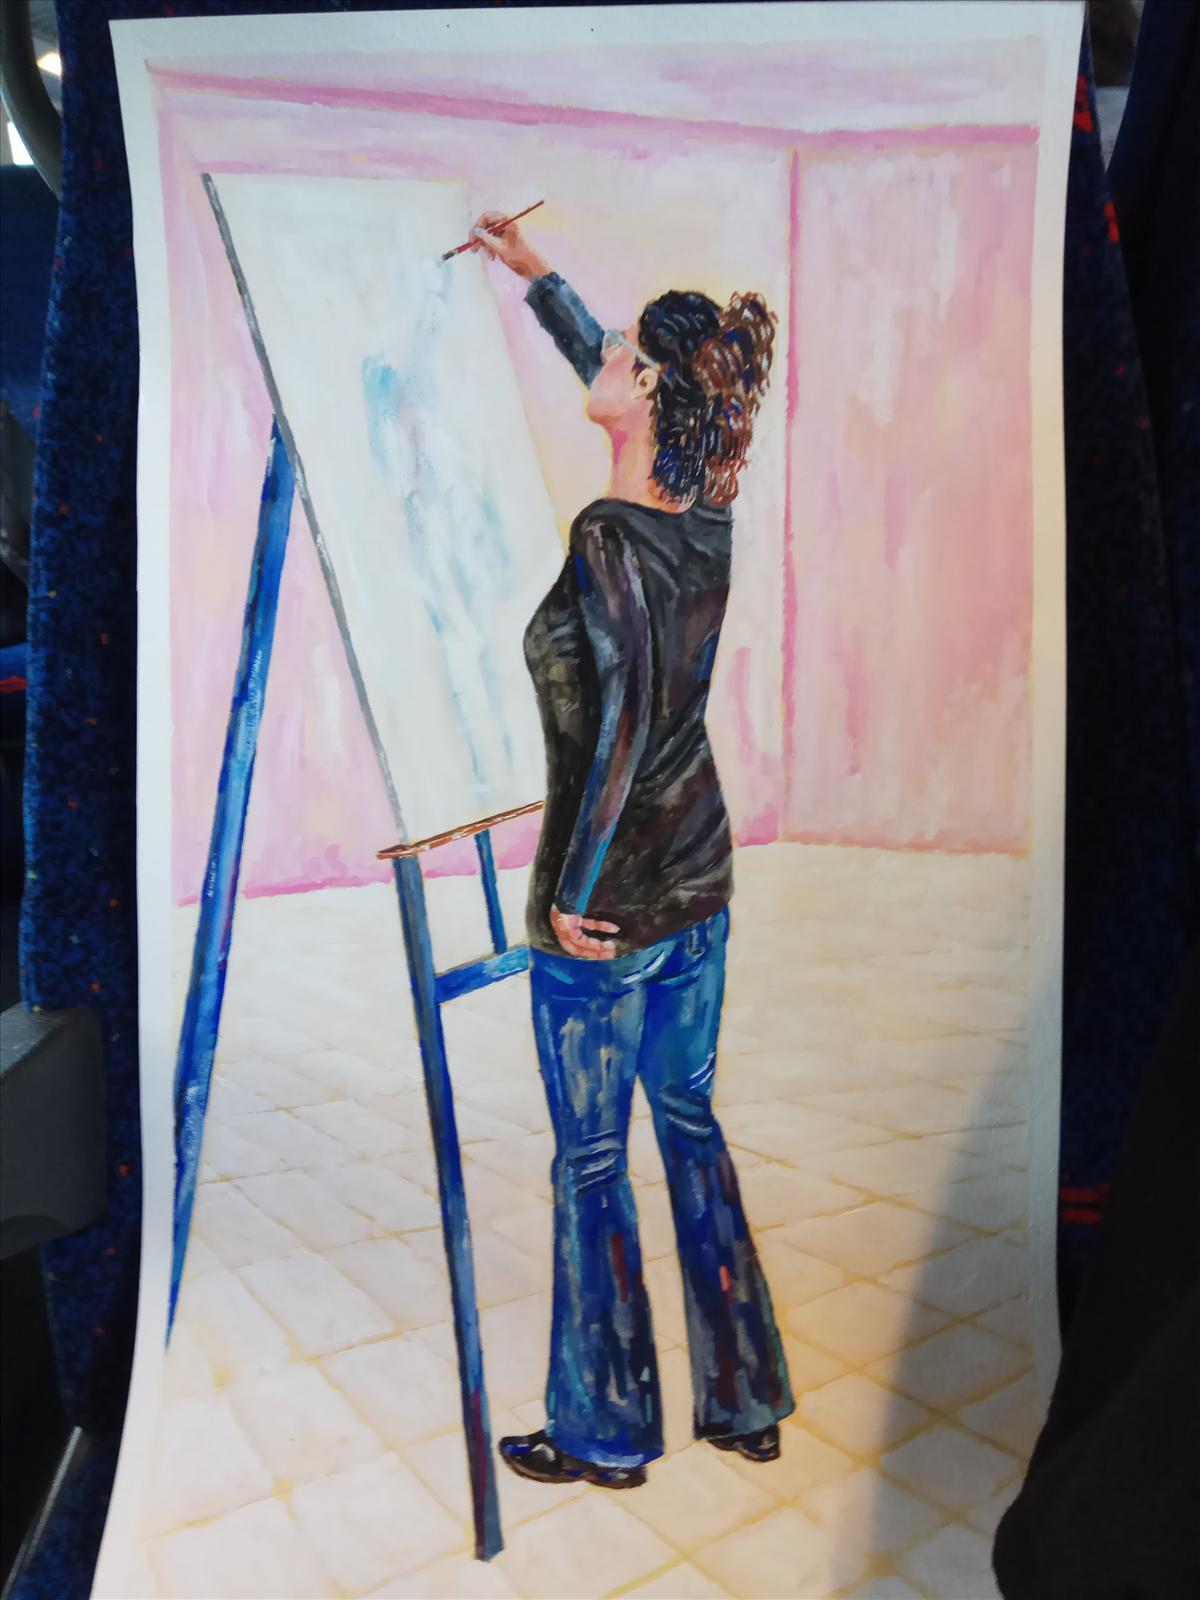 קורס רישום וציור למתקדמים